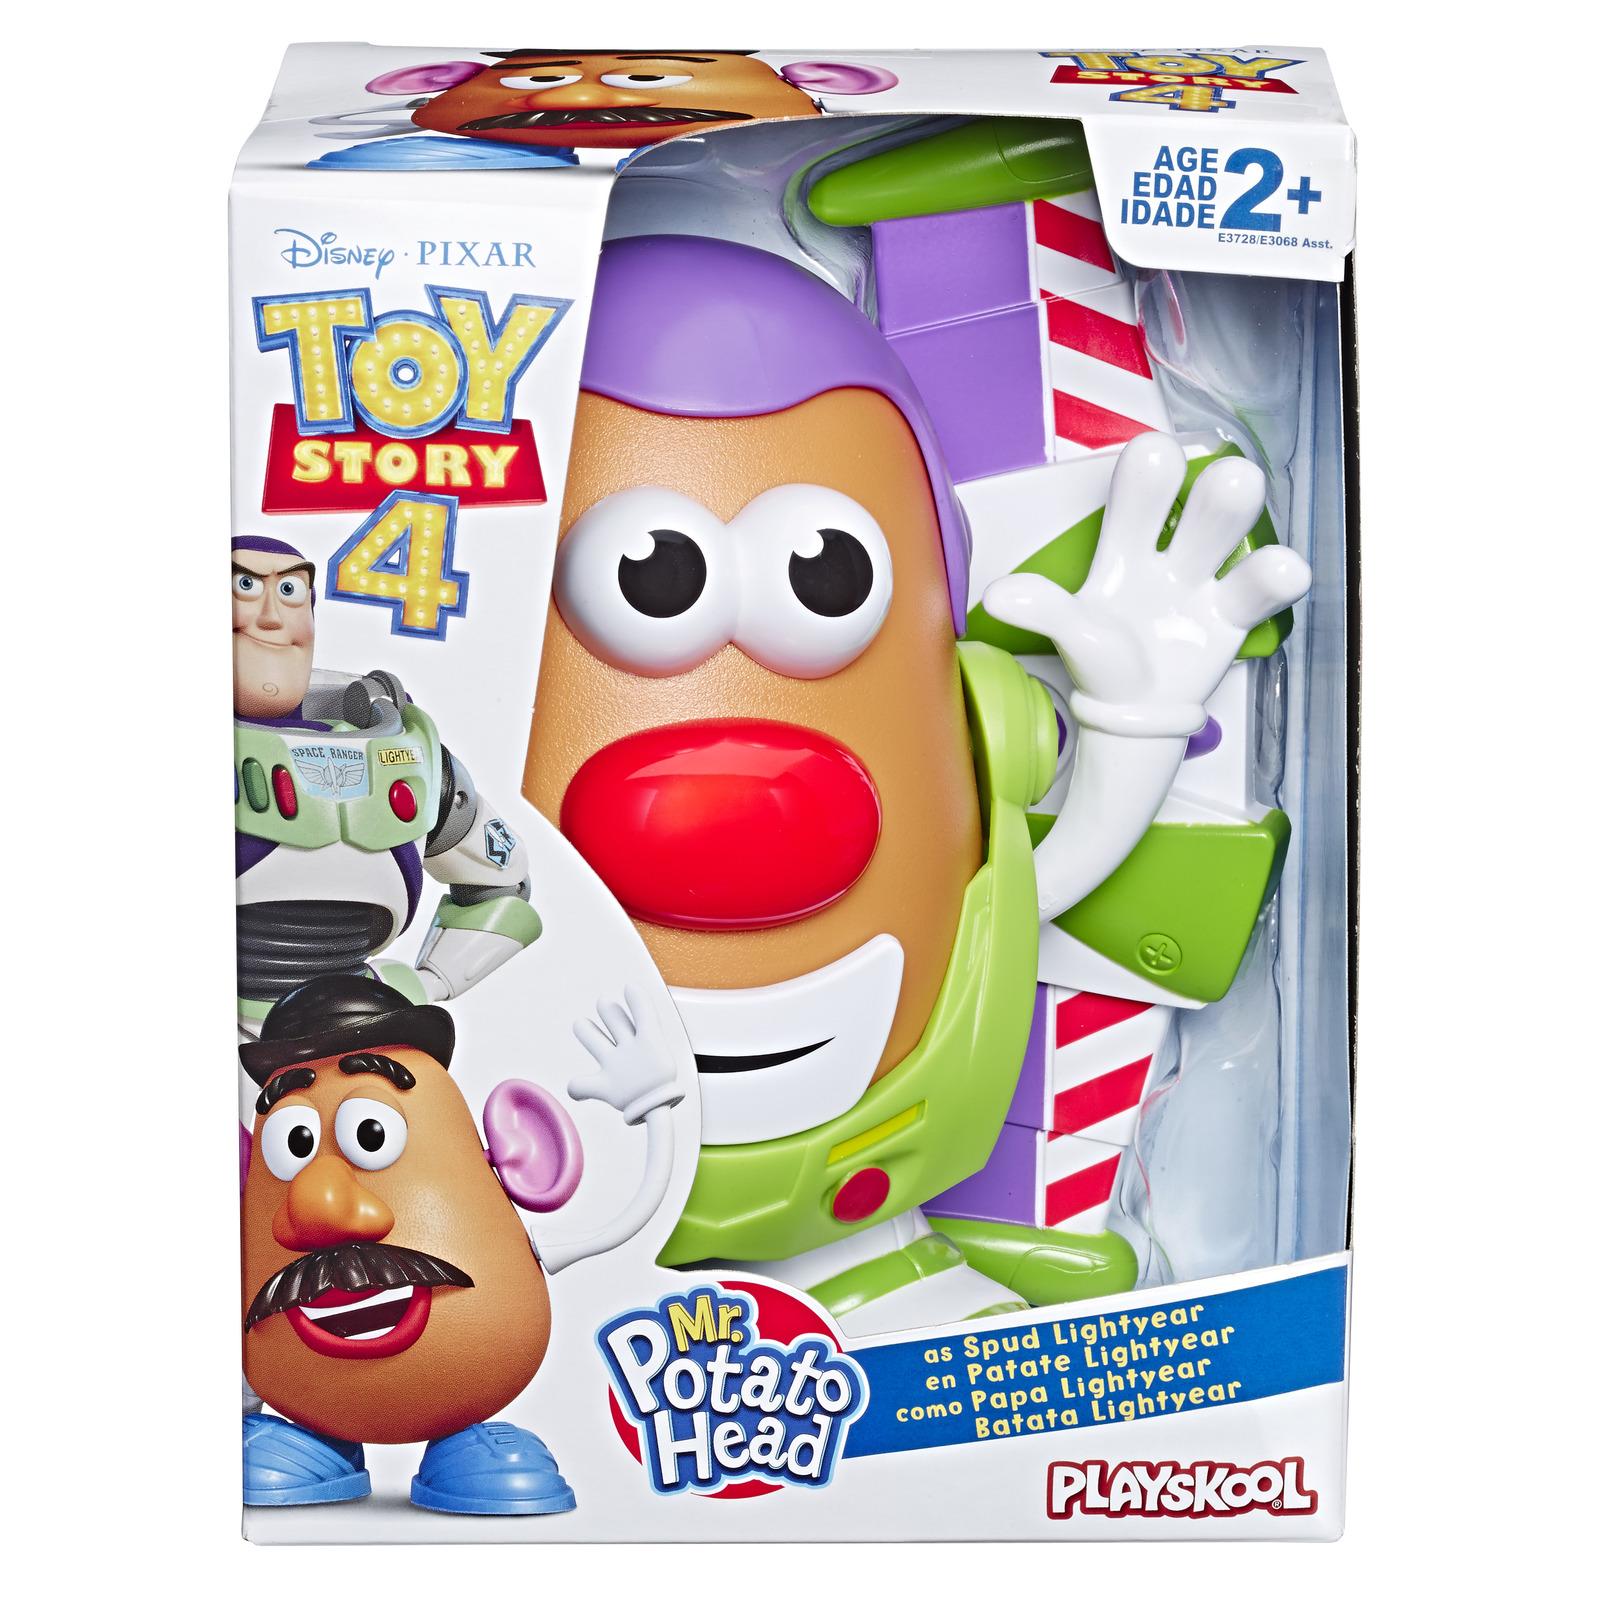 Toy Story 4: Mr Potato Head - Classic Buzz Lightyear image